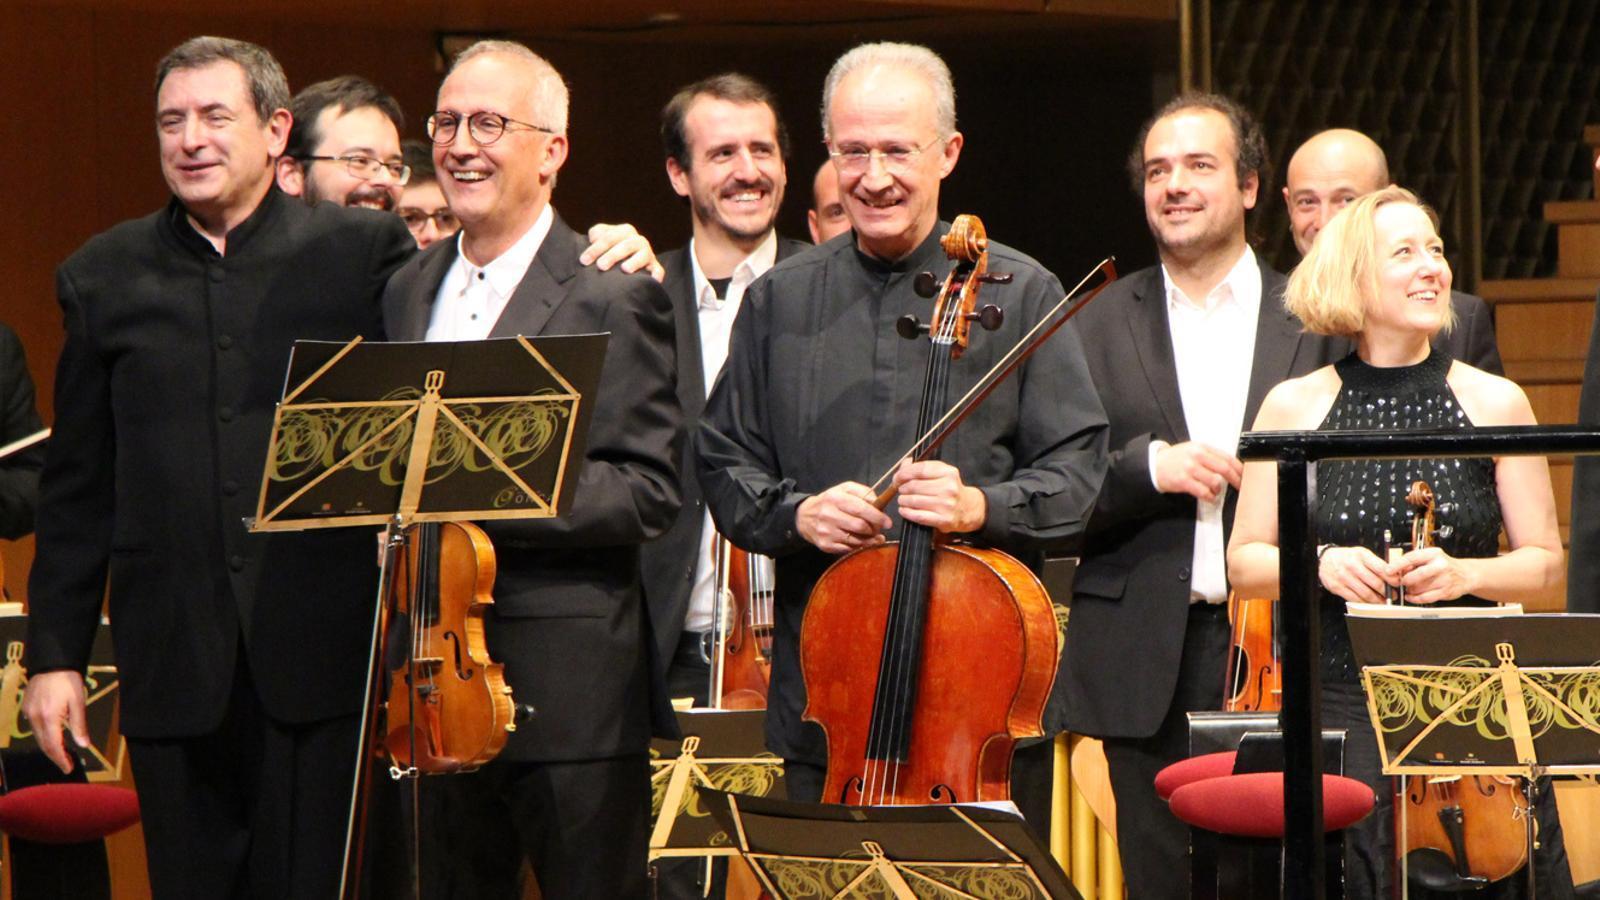 El compositor i director Salvador Brotons amb els germans Gerard i Lluís Claret, el dia de l'estrena de 'L'andorrà'. / ARXIU ANA